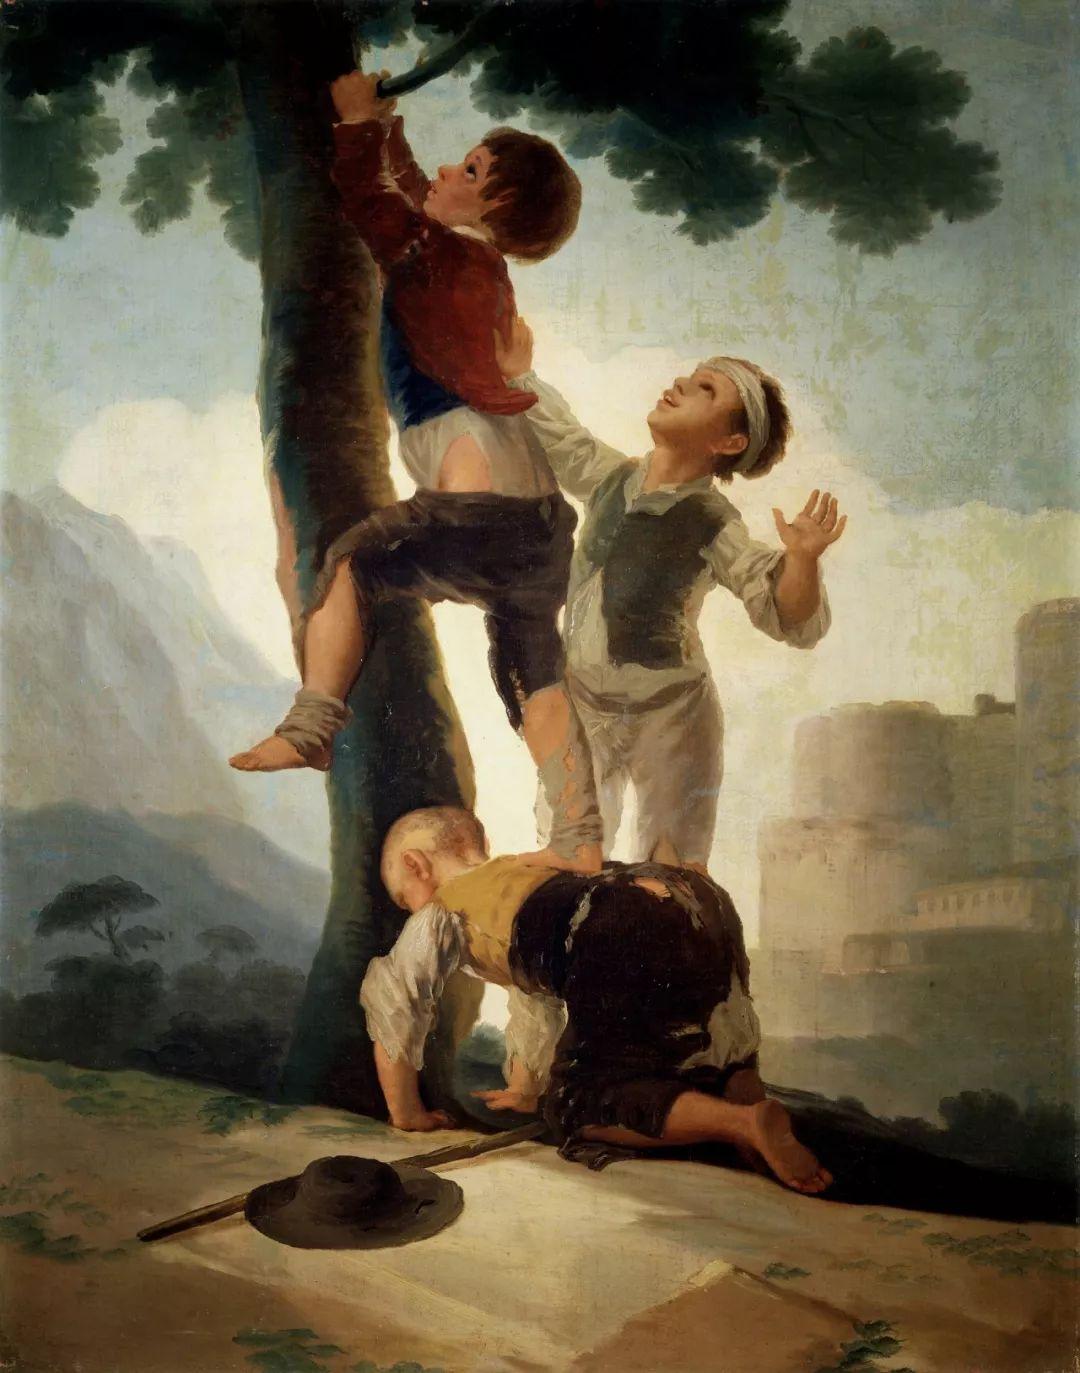 画风奇异的天才戈雅,画作震撼,他被称为浪漫主义最后的大师!插图97